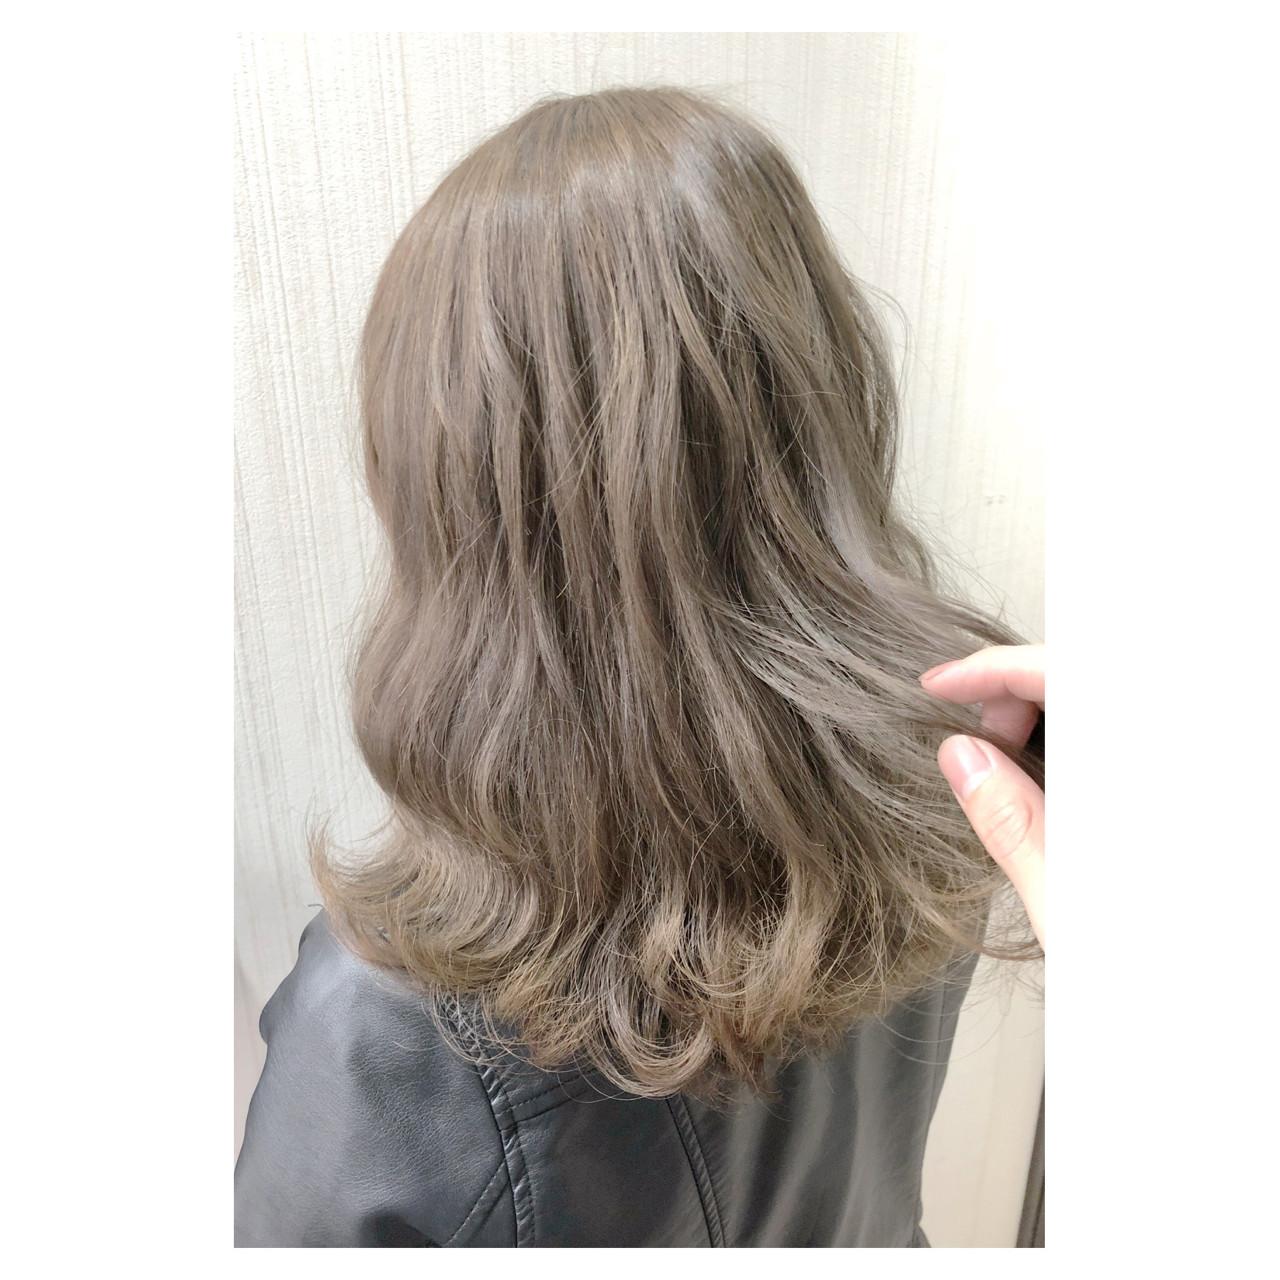 デート ヘアアレンジ ナチュラル ミディアムヘアスタイルや髪型の写真・画像